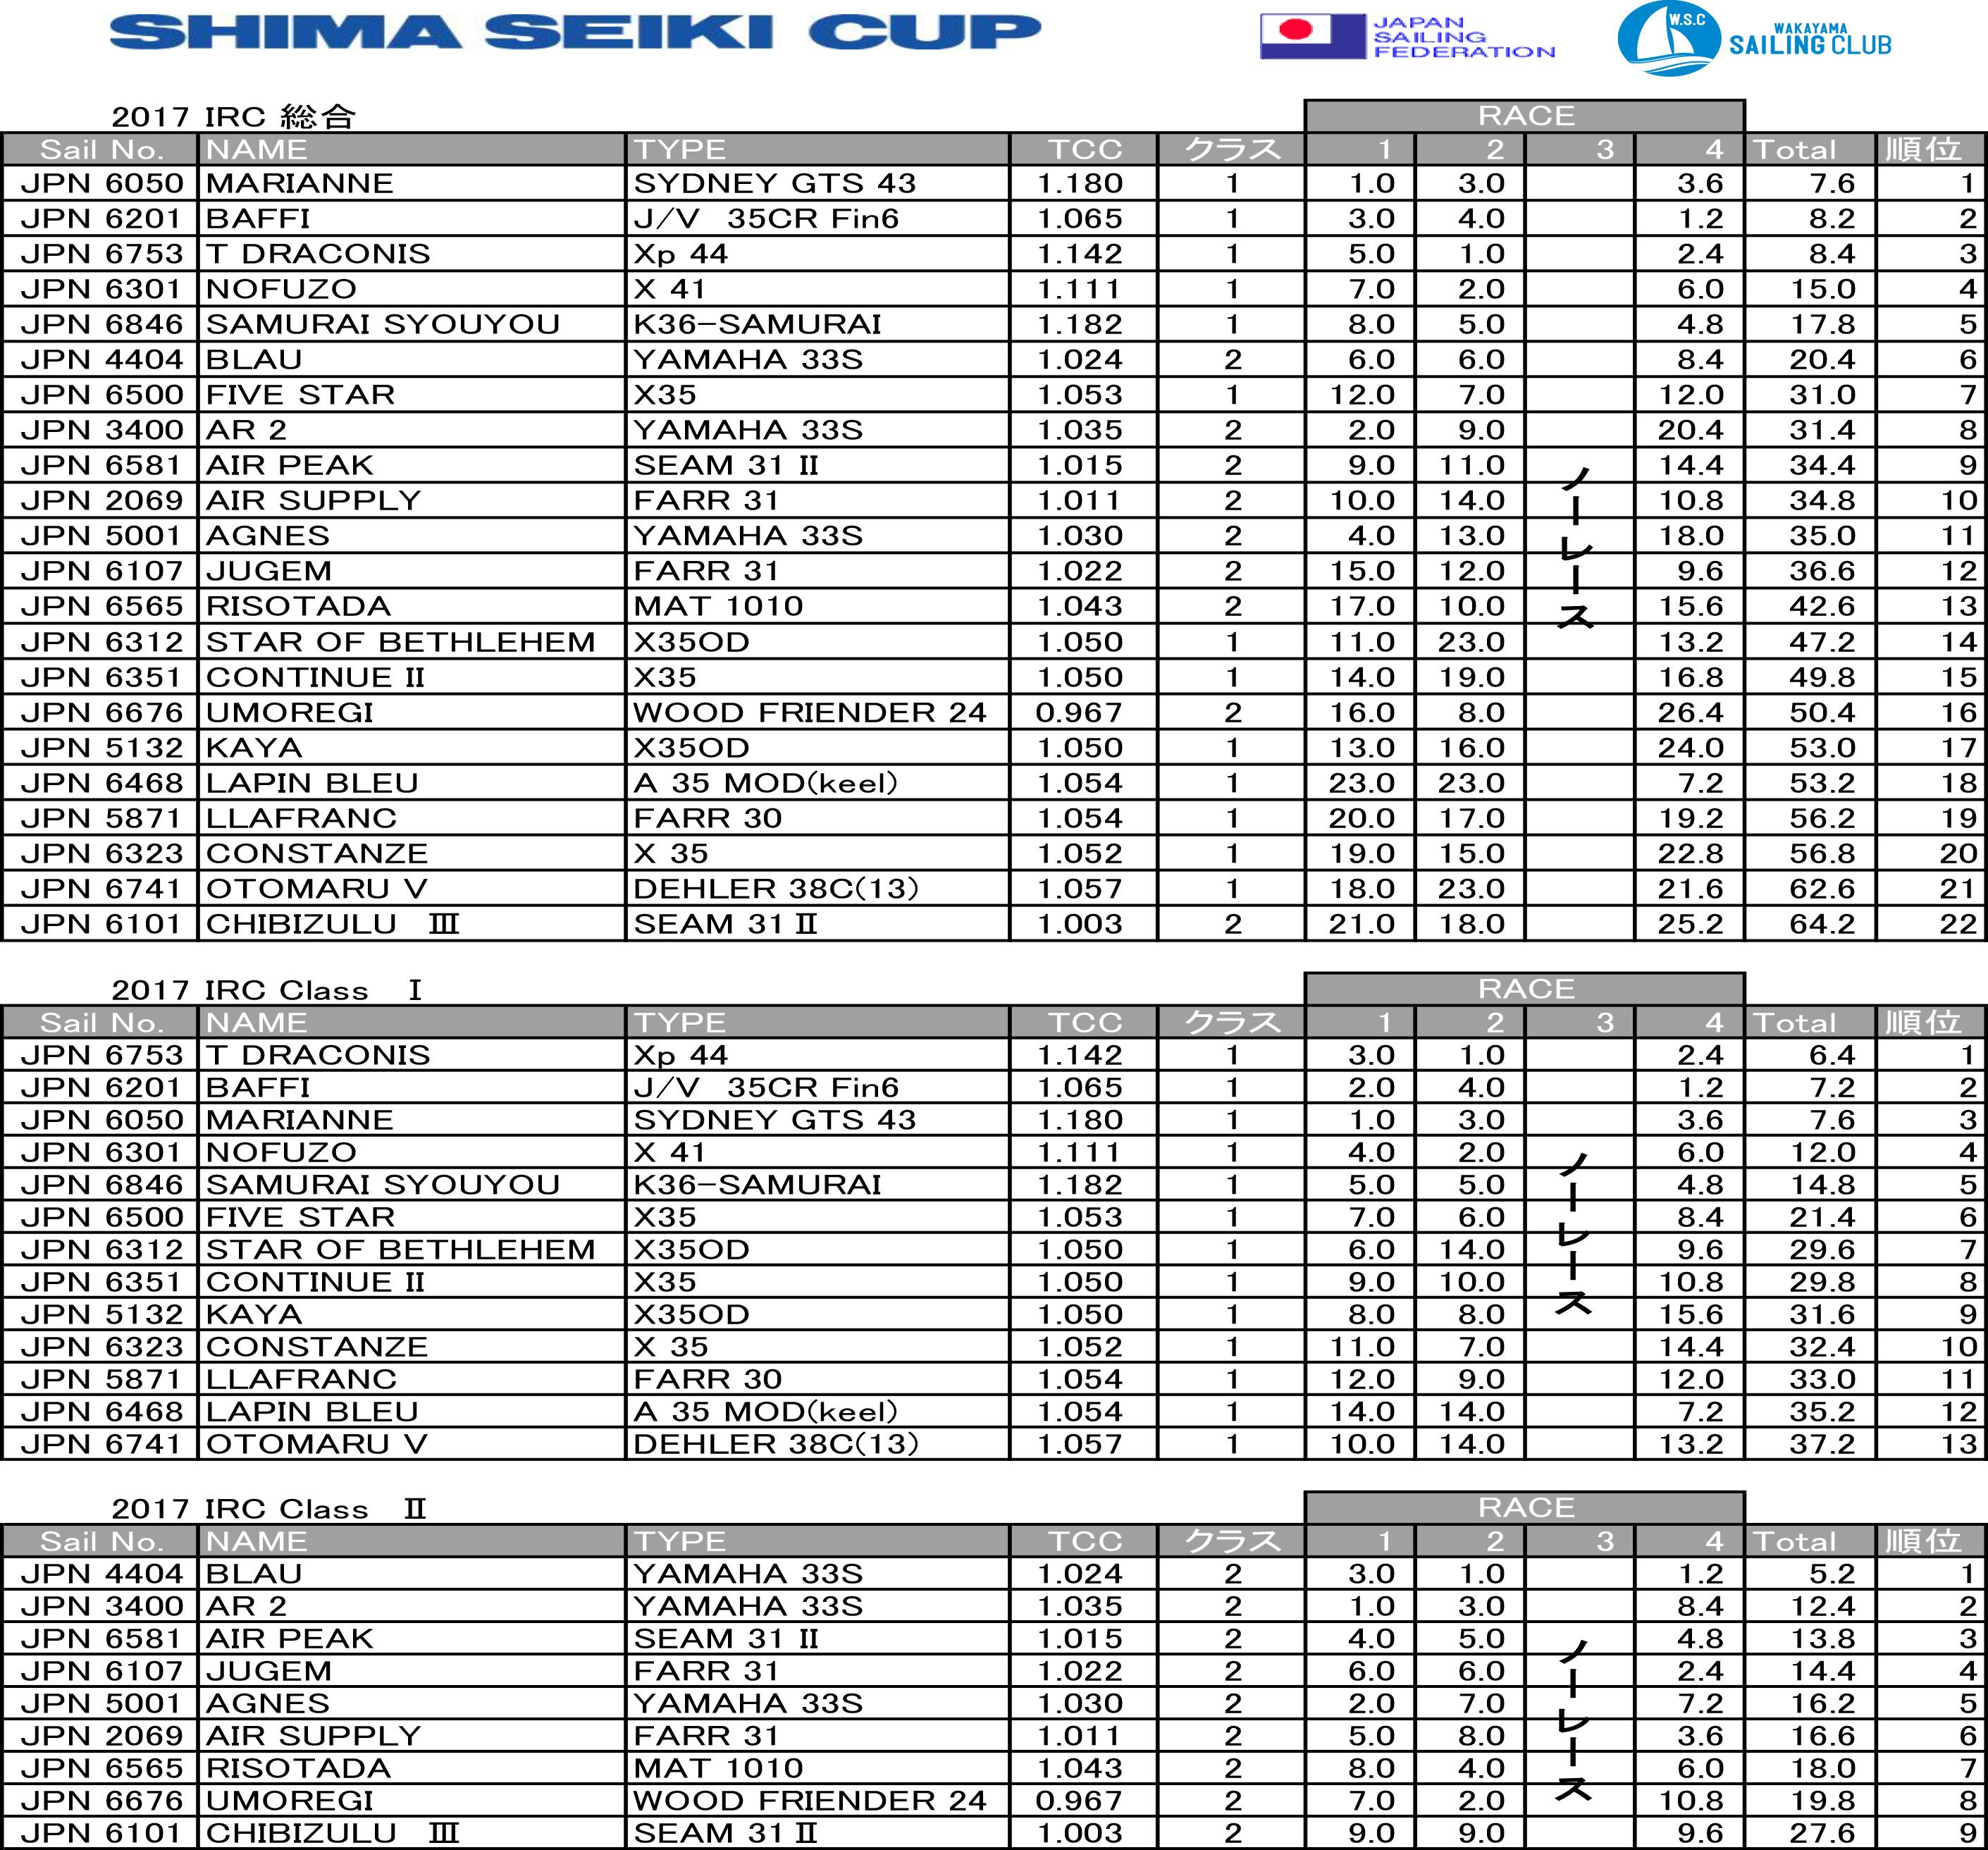 Shima_Seiki_Cup_result-1